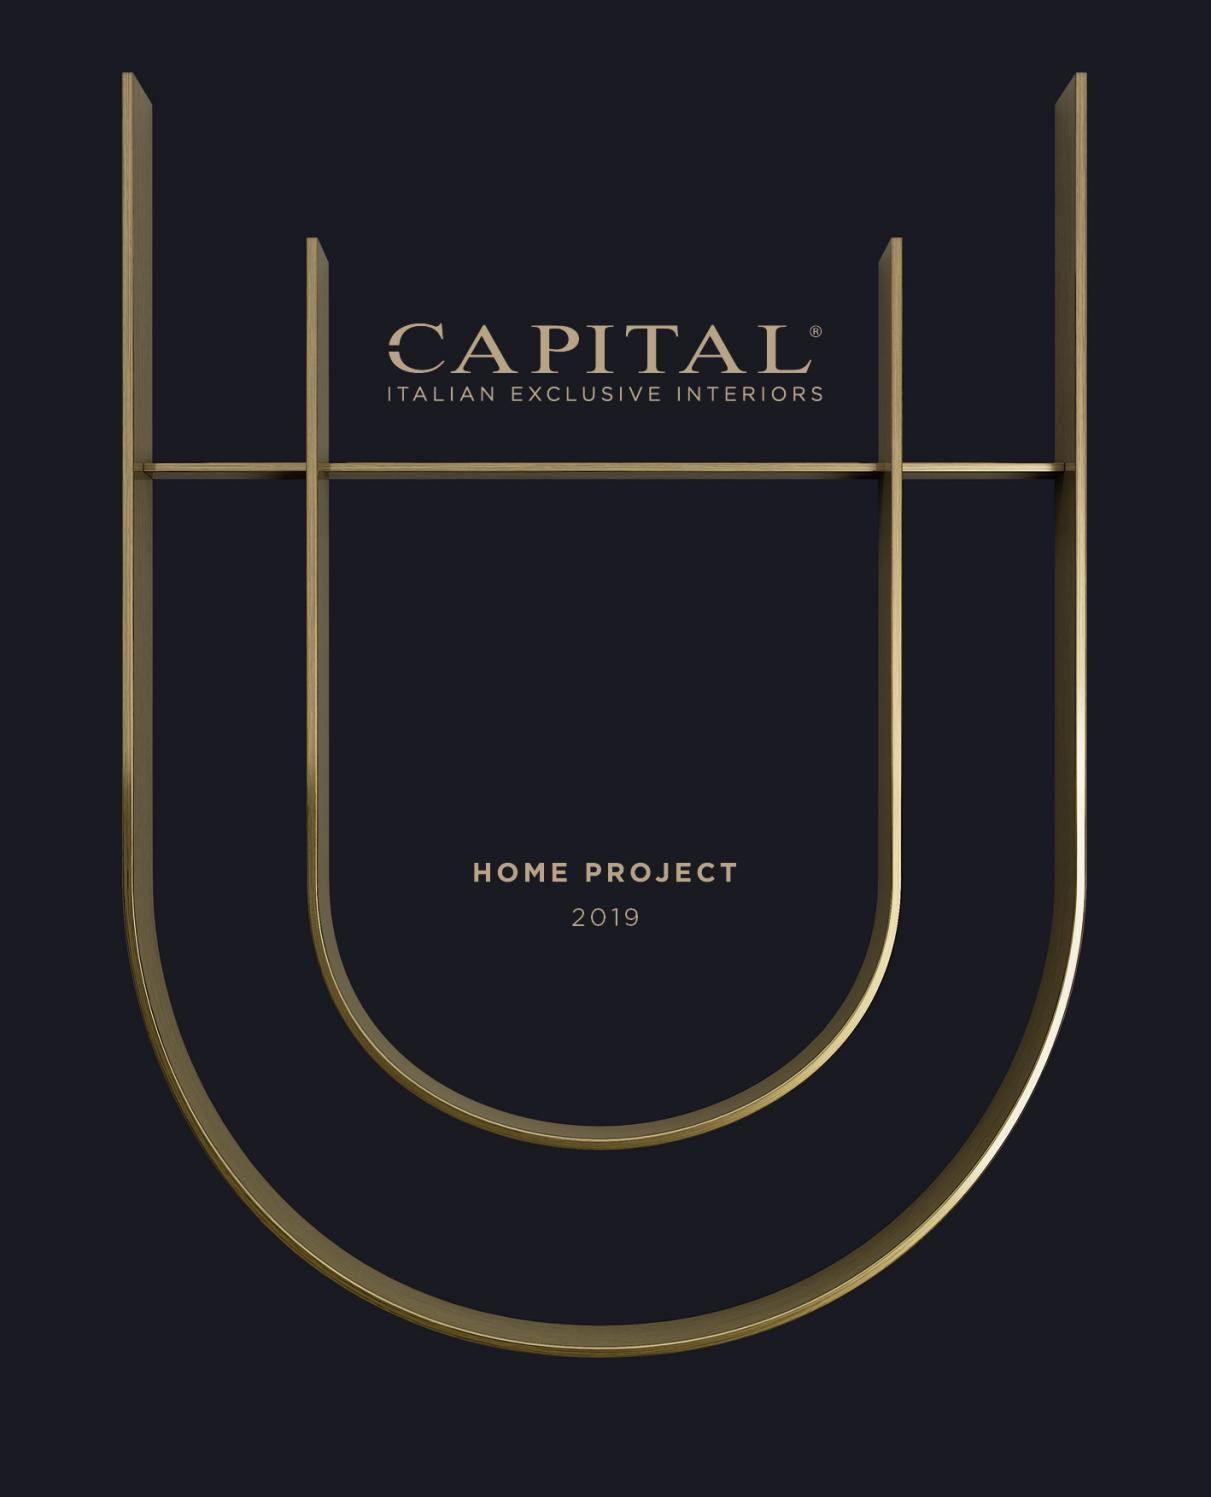 Progetto Casa 85 Mq capital collection passerini 2020 by passerini - issuu